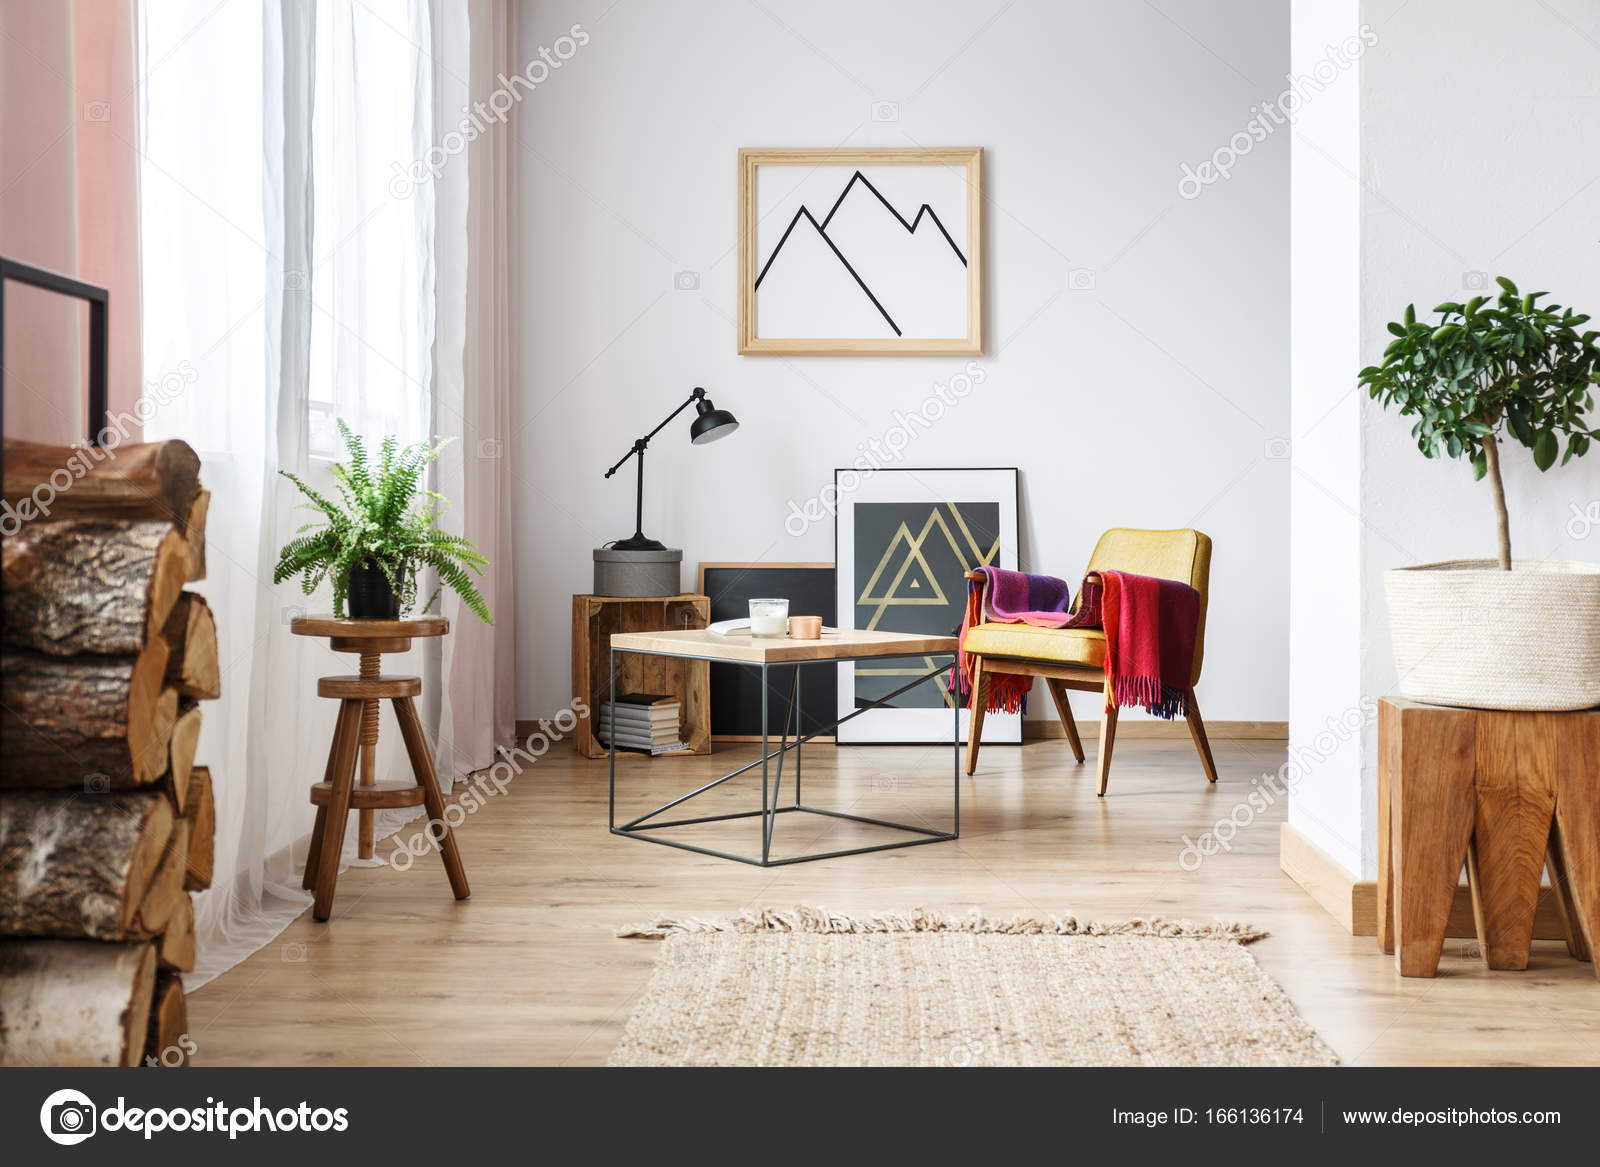 Sessel minimalistische poster und brennholz u2014 stockfoto